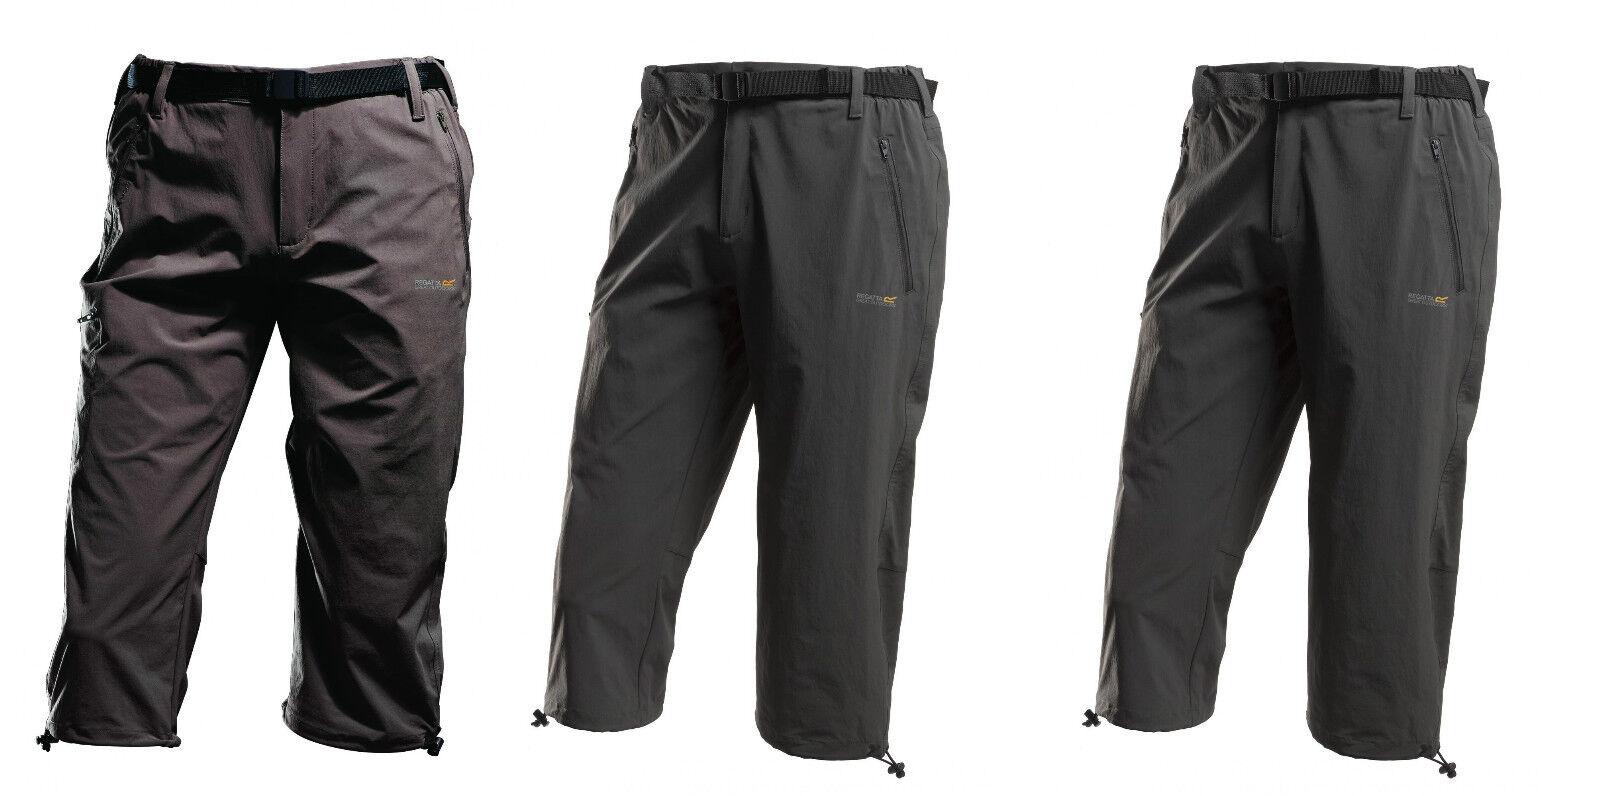 Regatta Herren Xert Capri Hose stretch Bermuda Shorts kuruze Hose leicht